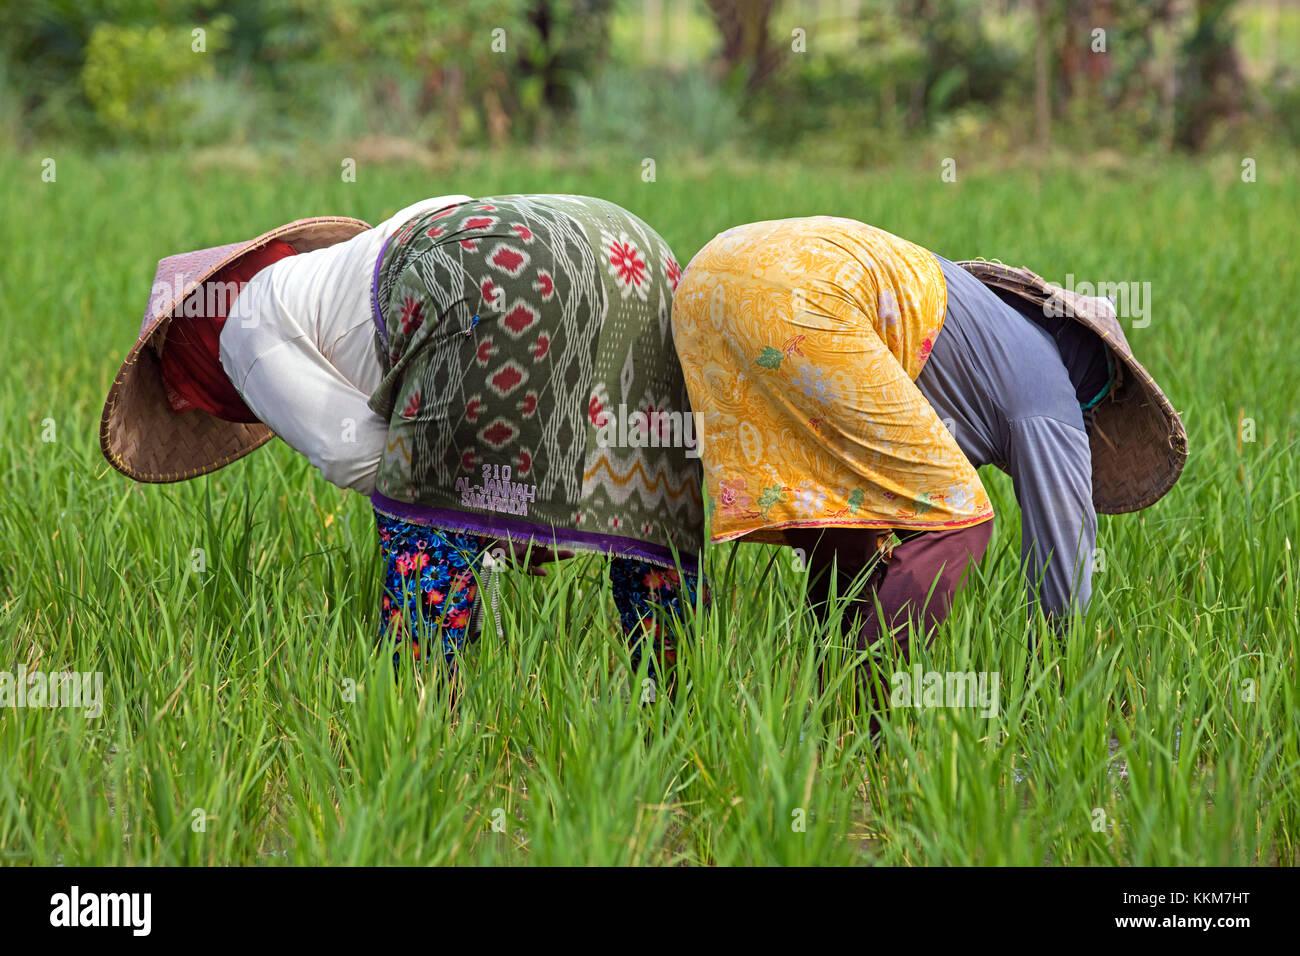 Zwei indonesische weibliche Arbeiter mit traditionellen konischen Hüte/capings Arbeiten in den Reisfeldern Stockbild